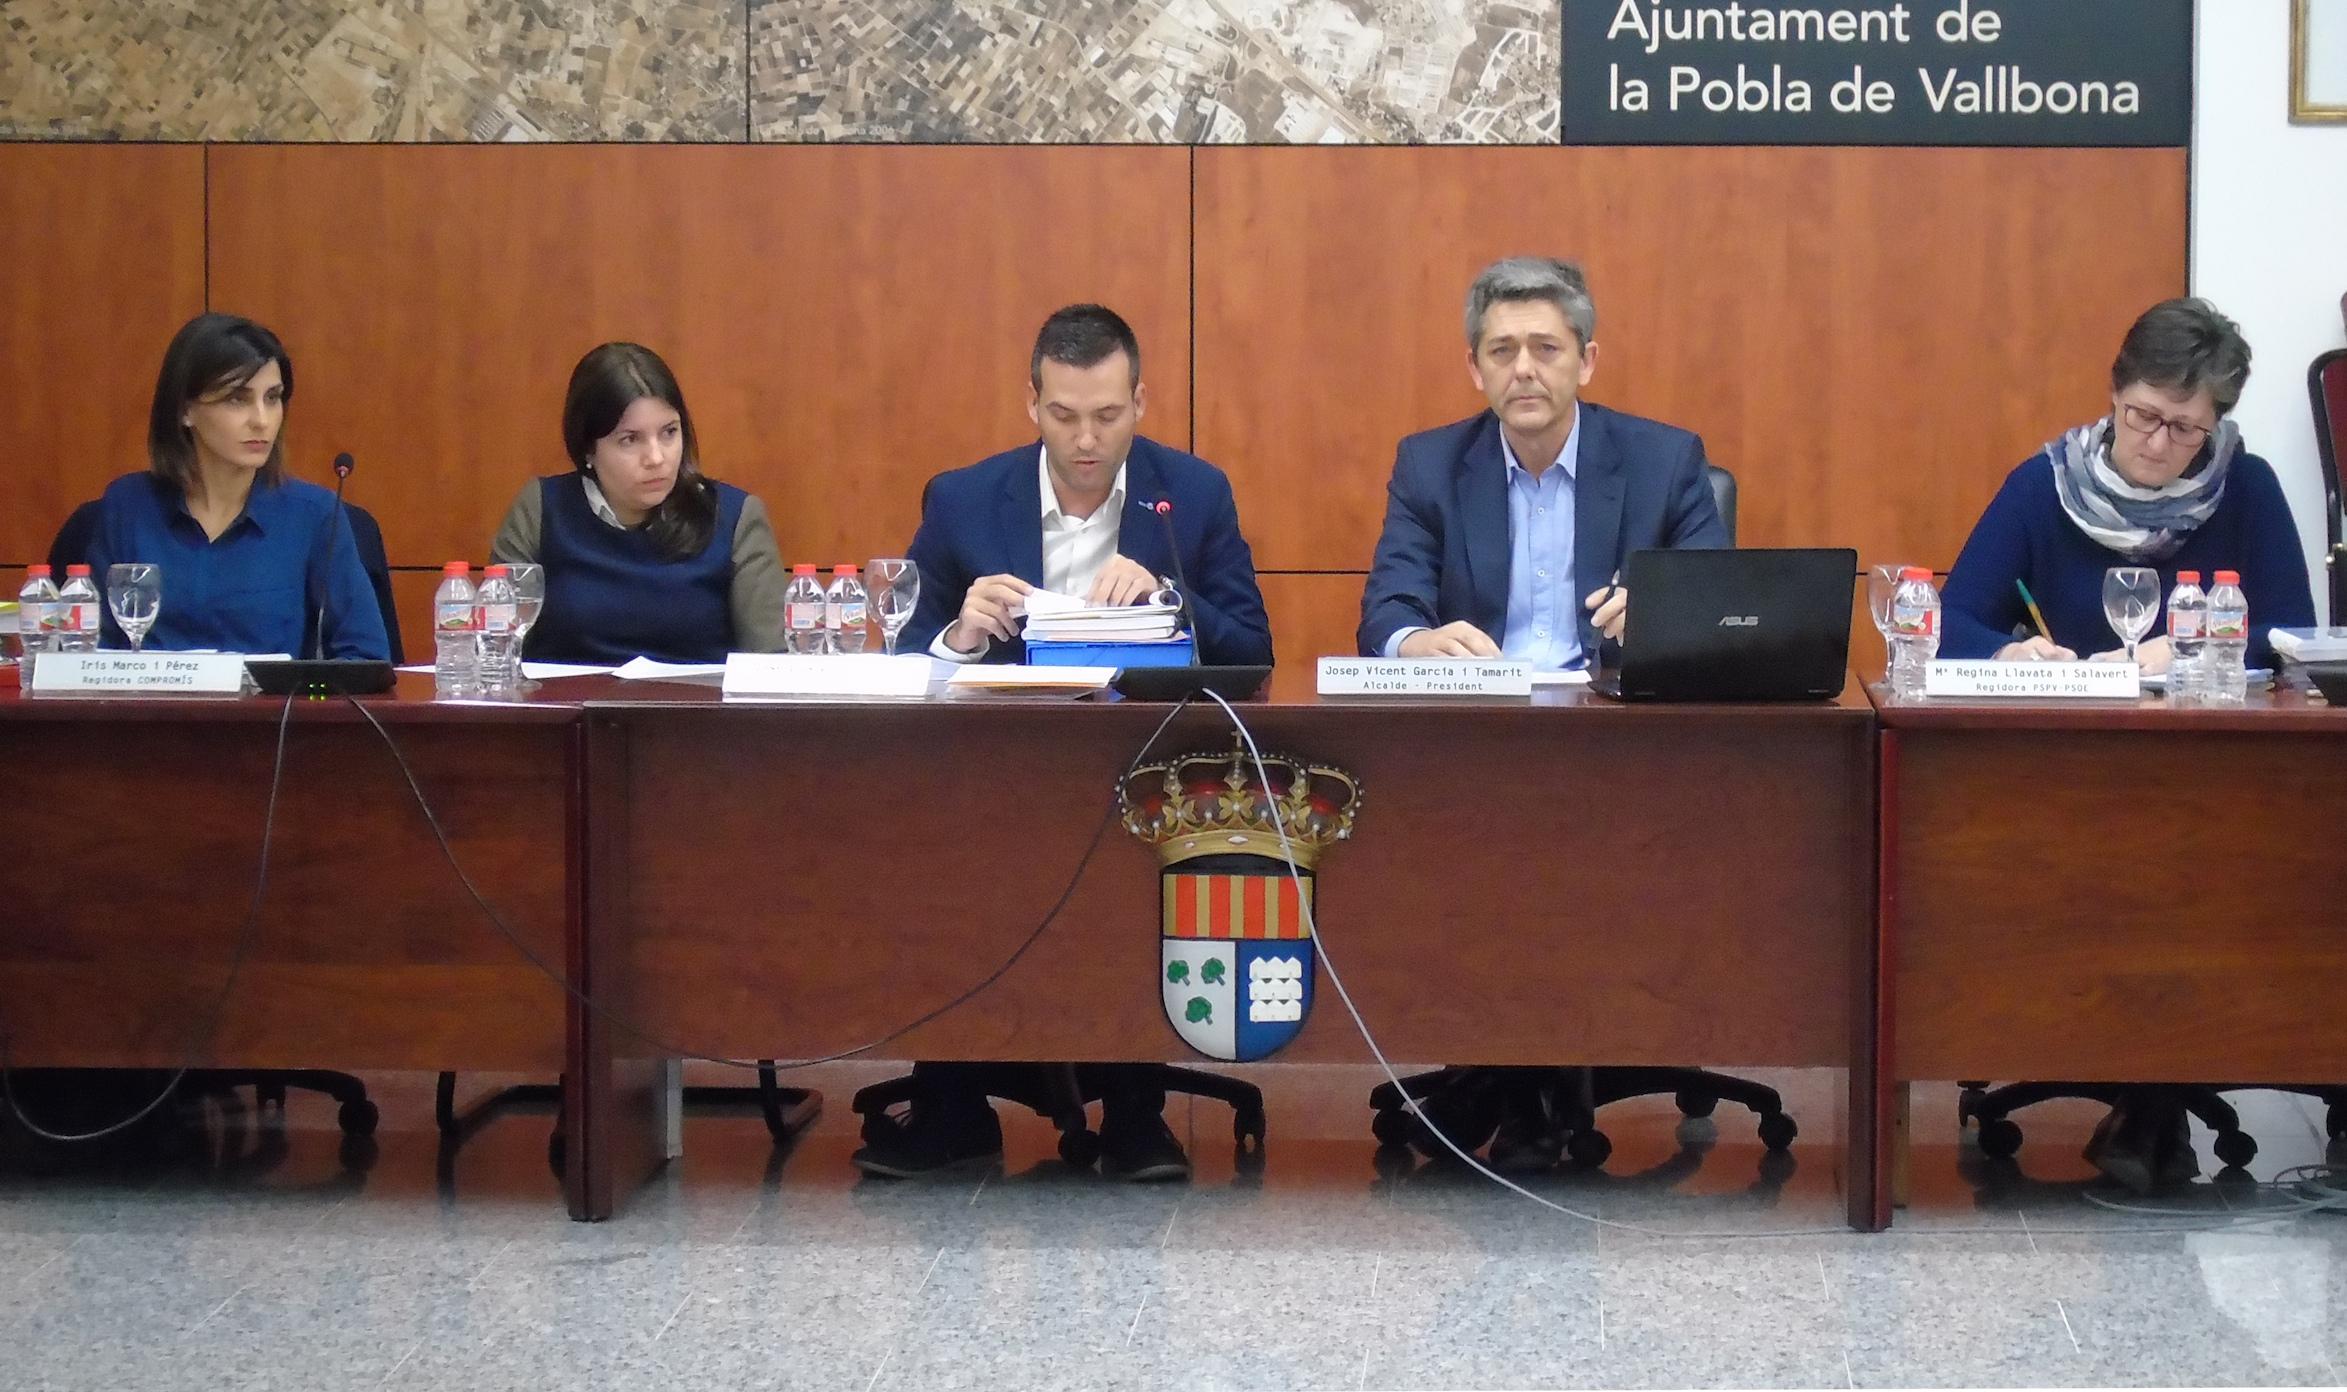 El Ayuntamiento de la Pobla de Vallbona dará voz a los vecinos a la hora de decidir parte de las inversiones que se harán en 2017.